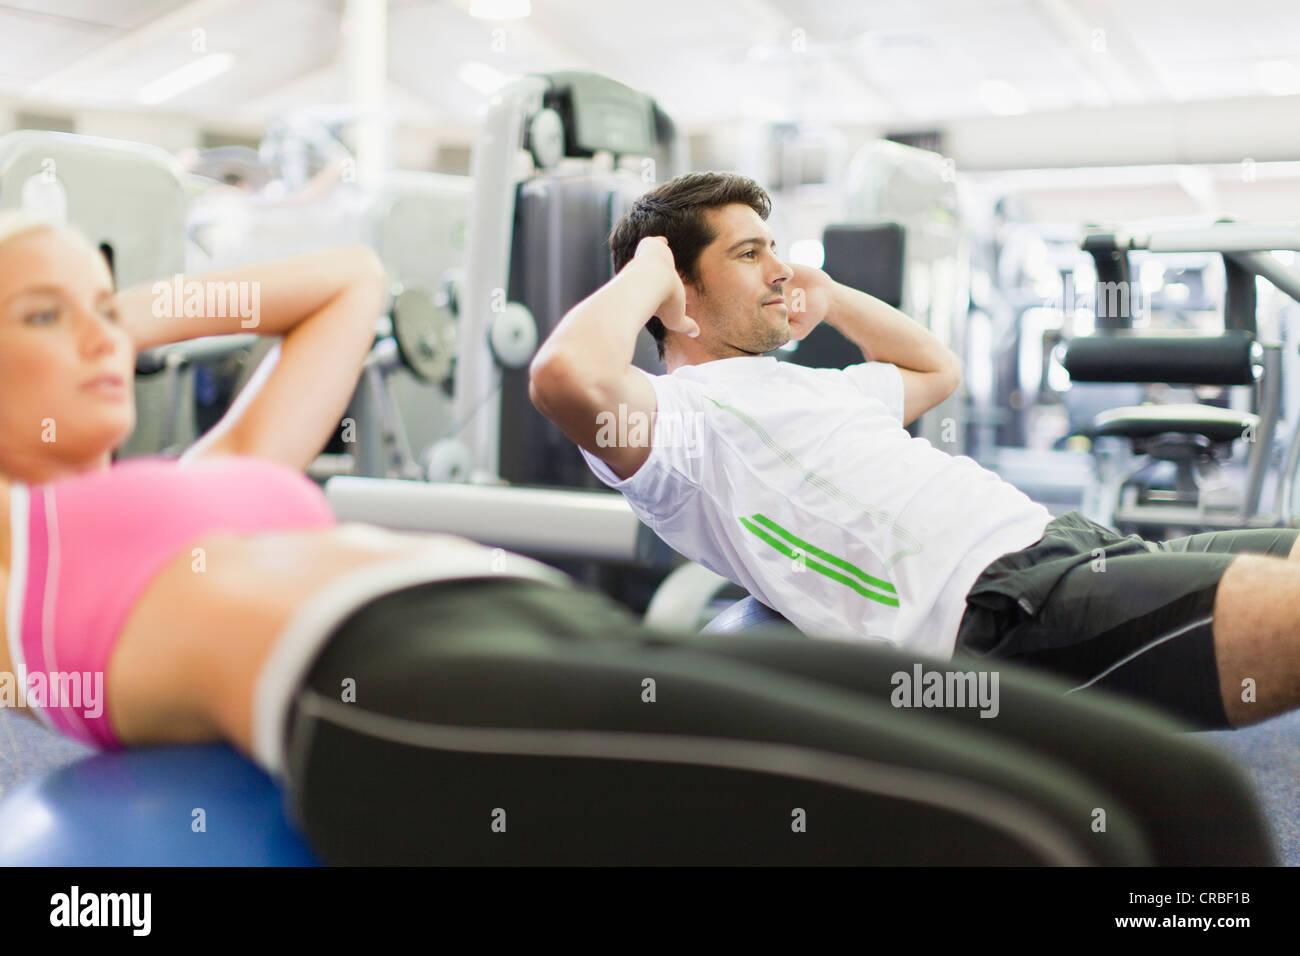 Par trabajando juntos en el gimnasio Foto de stock